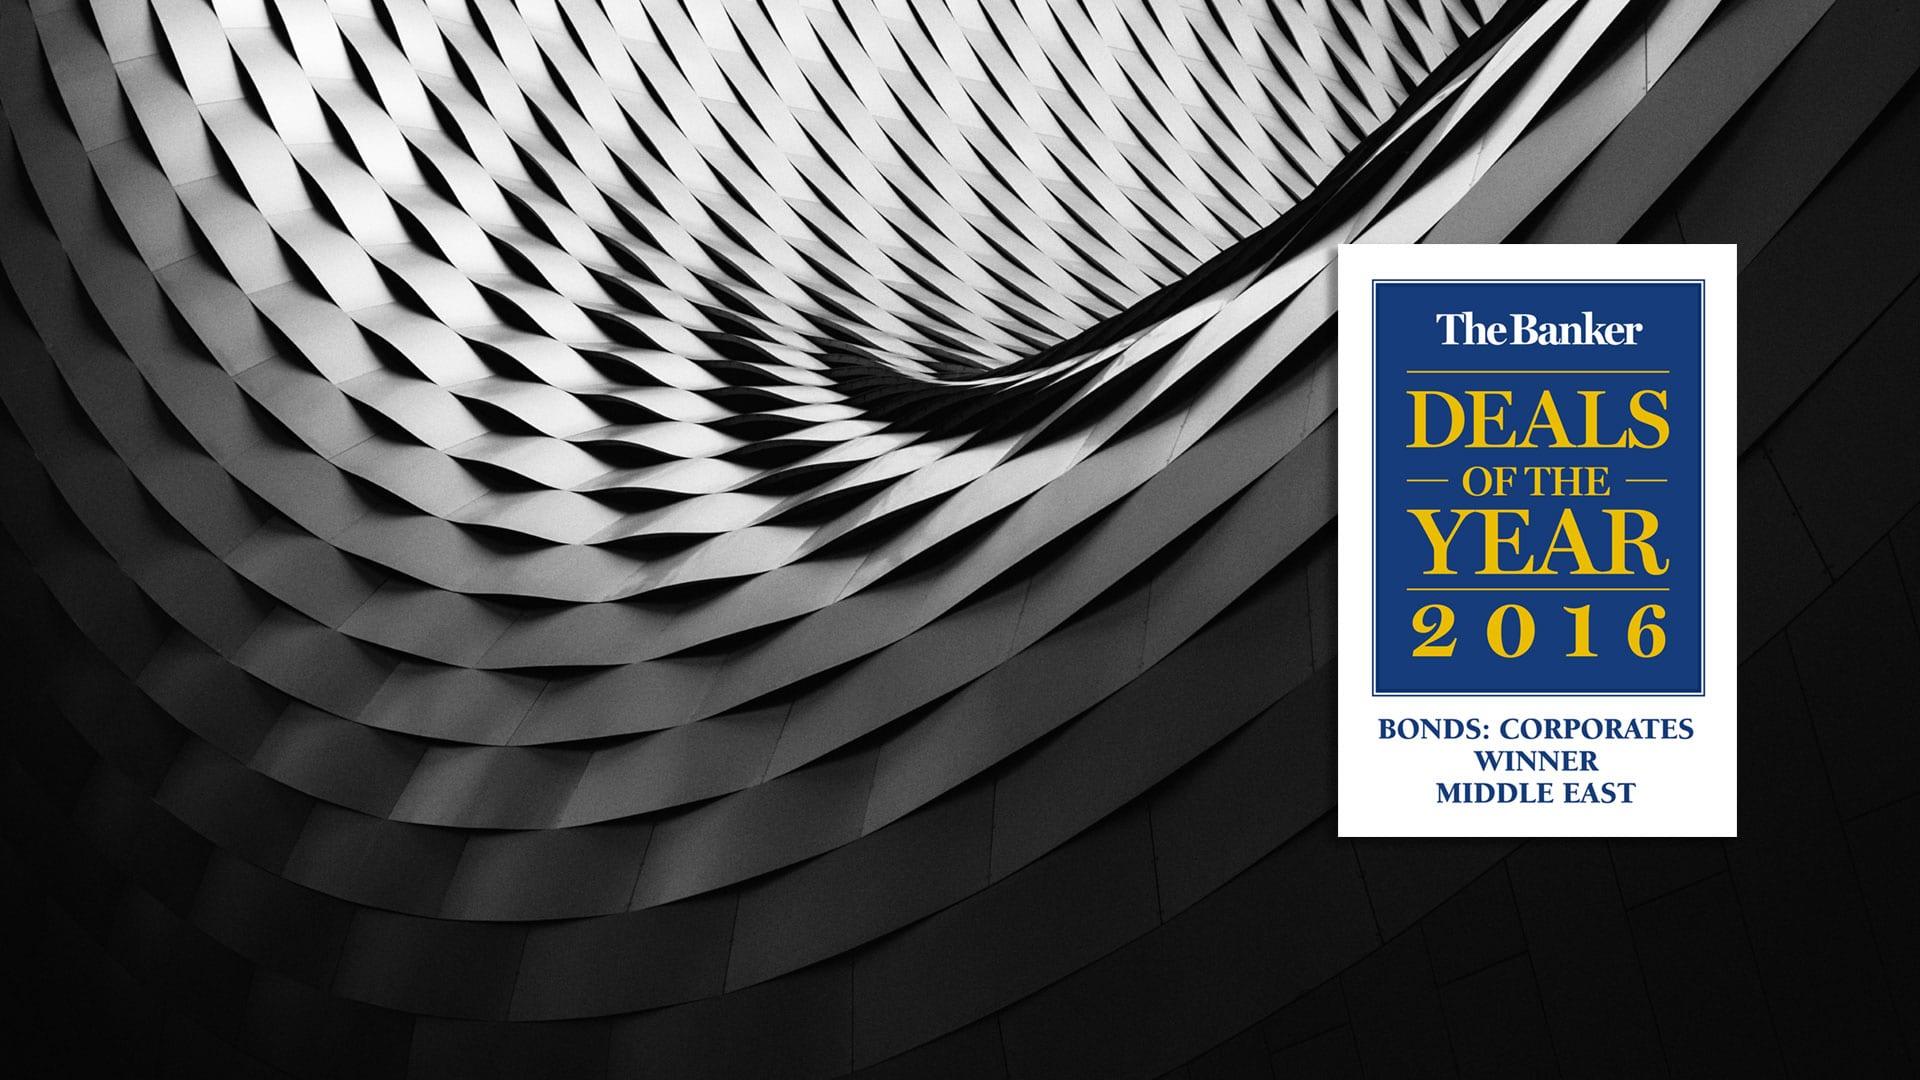 الوطني للاستثمار تحصد جائزة صفقة العام 2016 من مجلة ذي بانكر